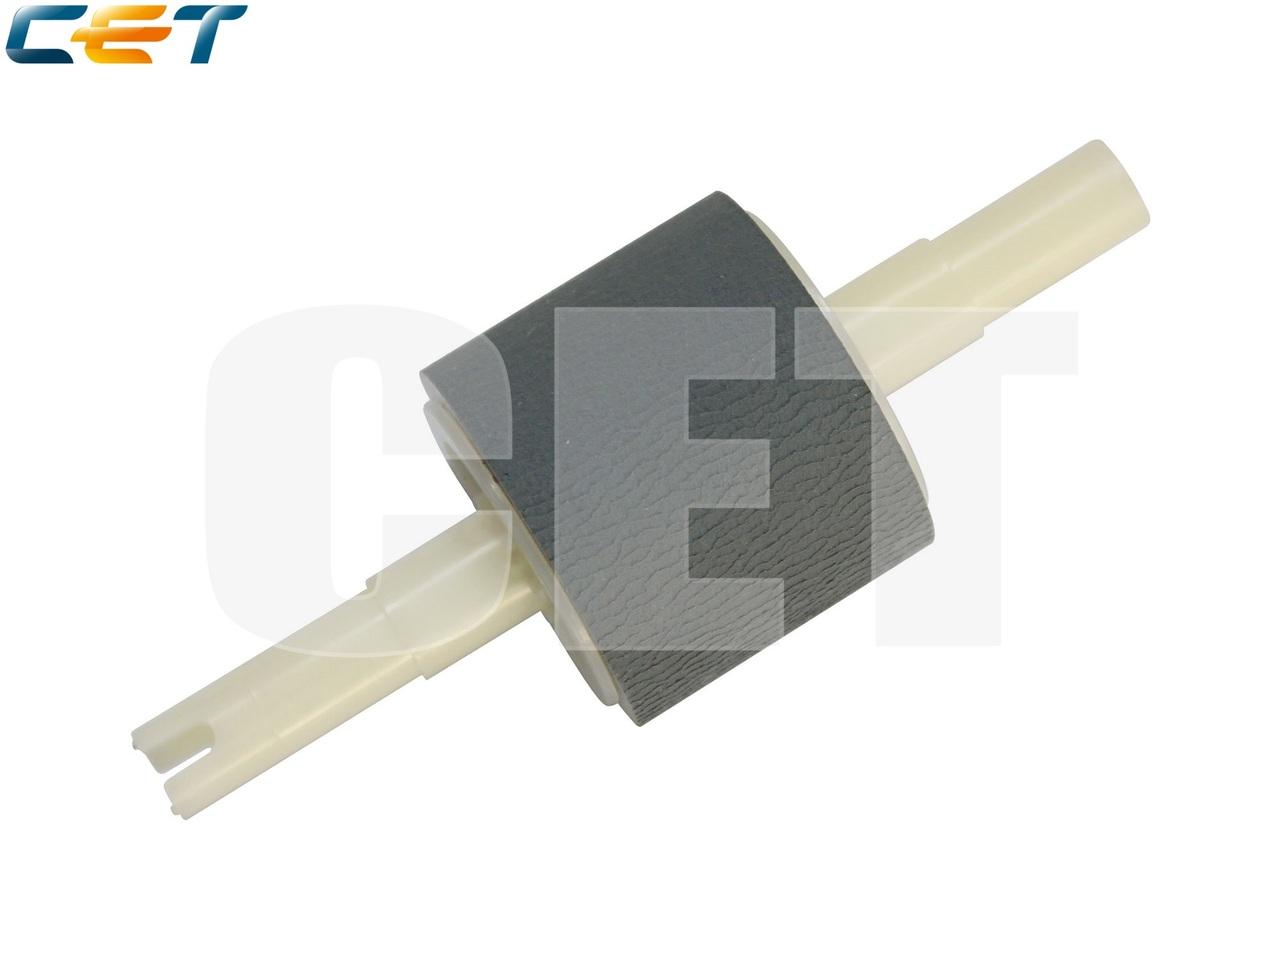 Ролик подхвата 2-го лотка RL1-0540-000, RL1-0542-000 для HPLaserJet 1160/1320/2420 (CET), CET0419, CET0419R